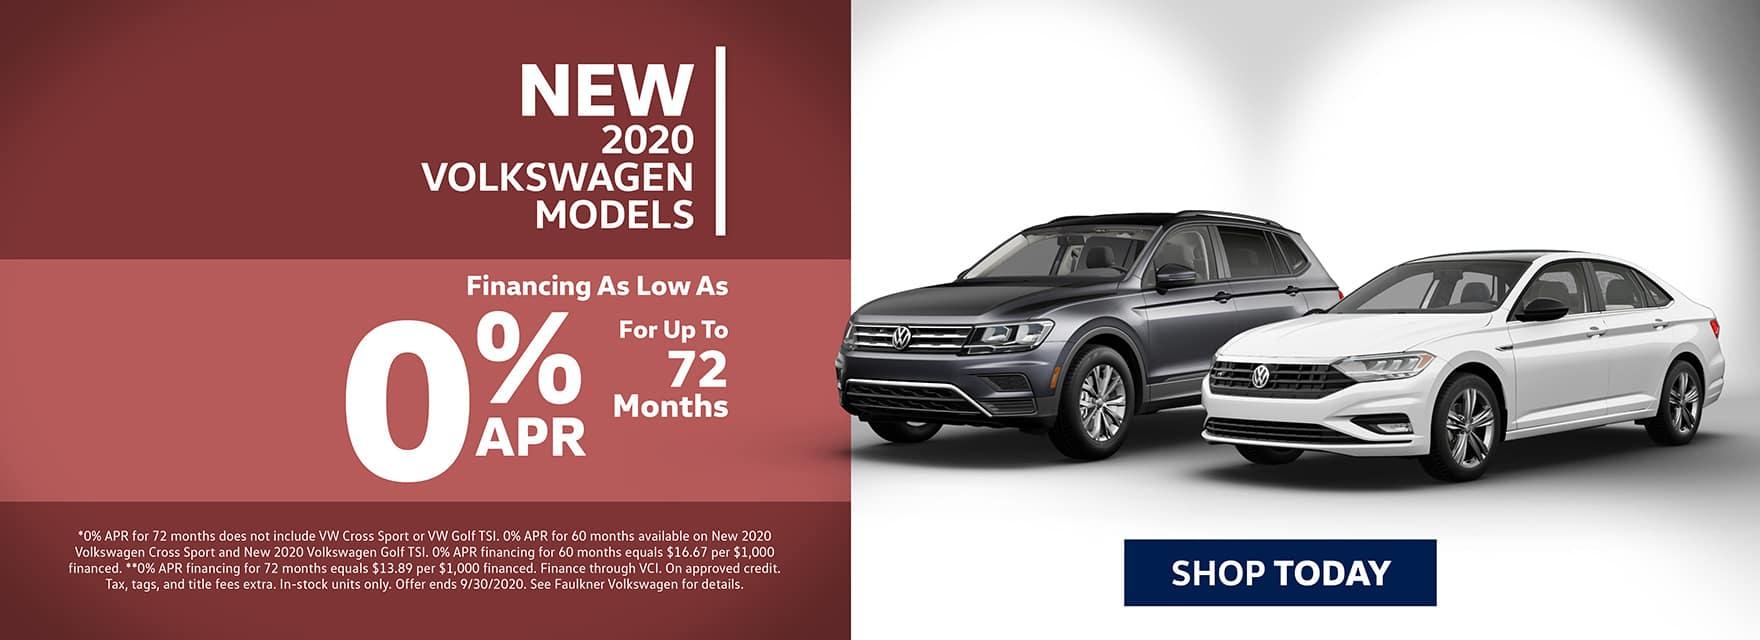 New 2020 Volkswagen 0% APR Financing